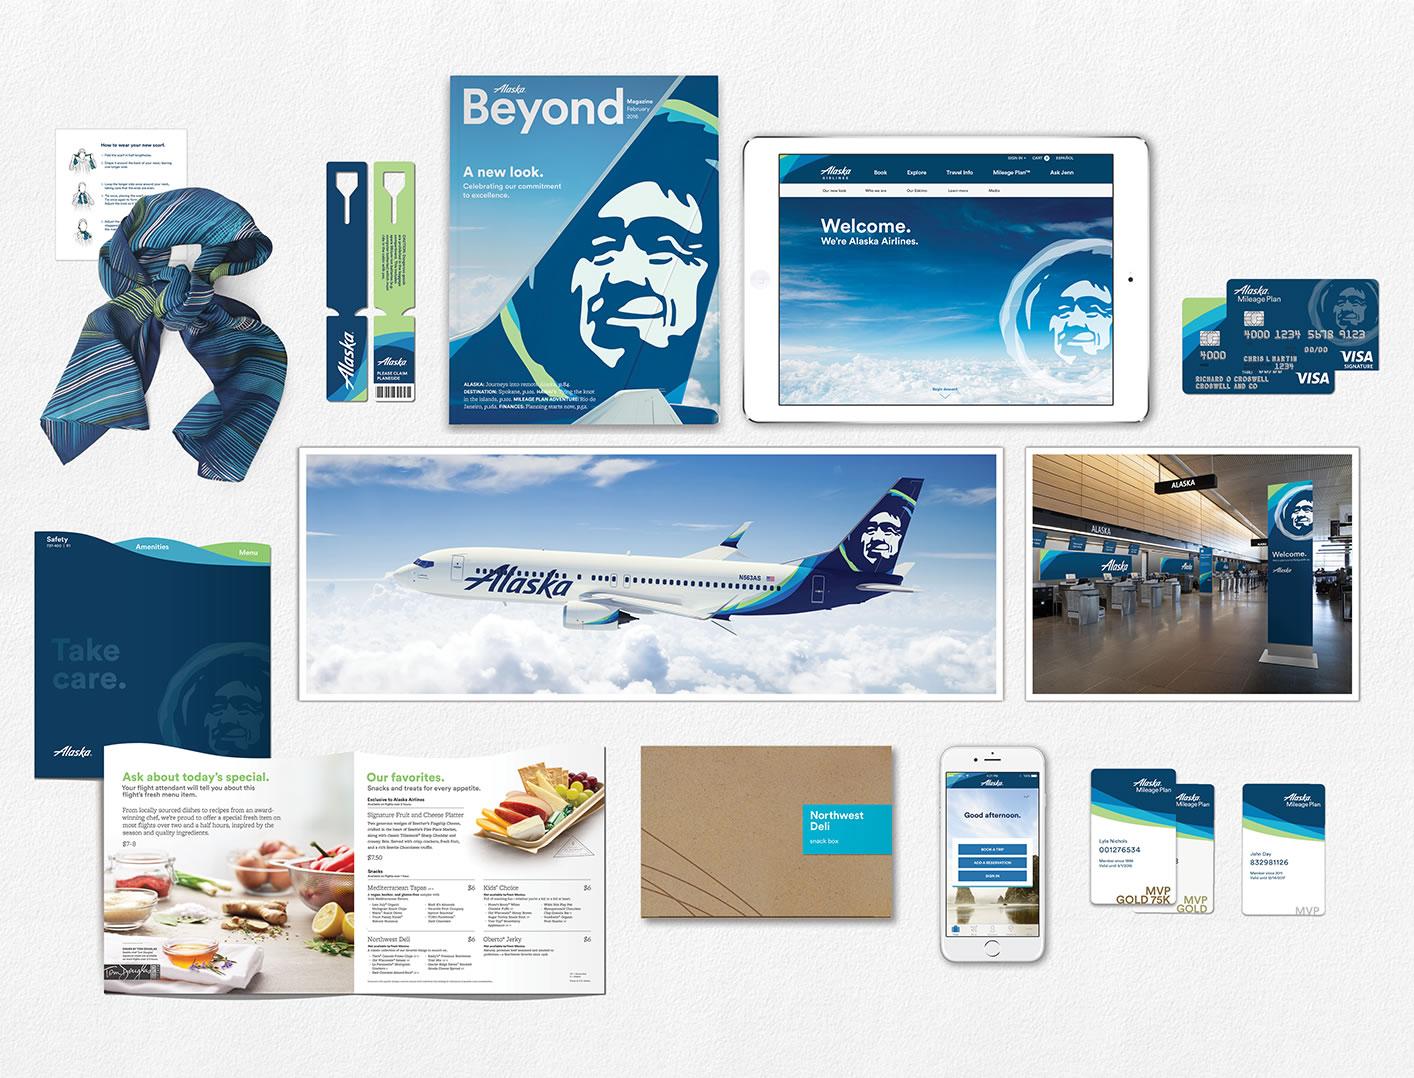 An assortment of communications showing Alaska's new brand